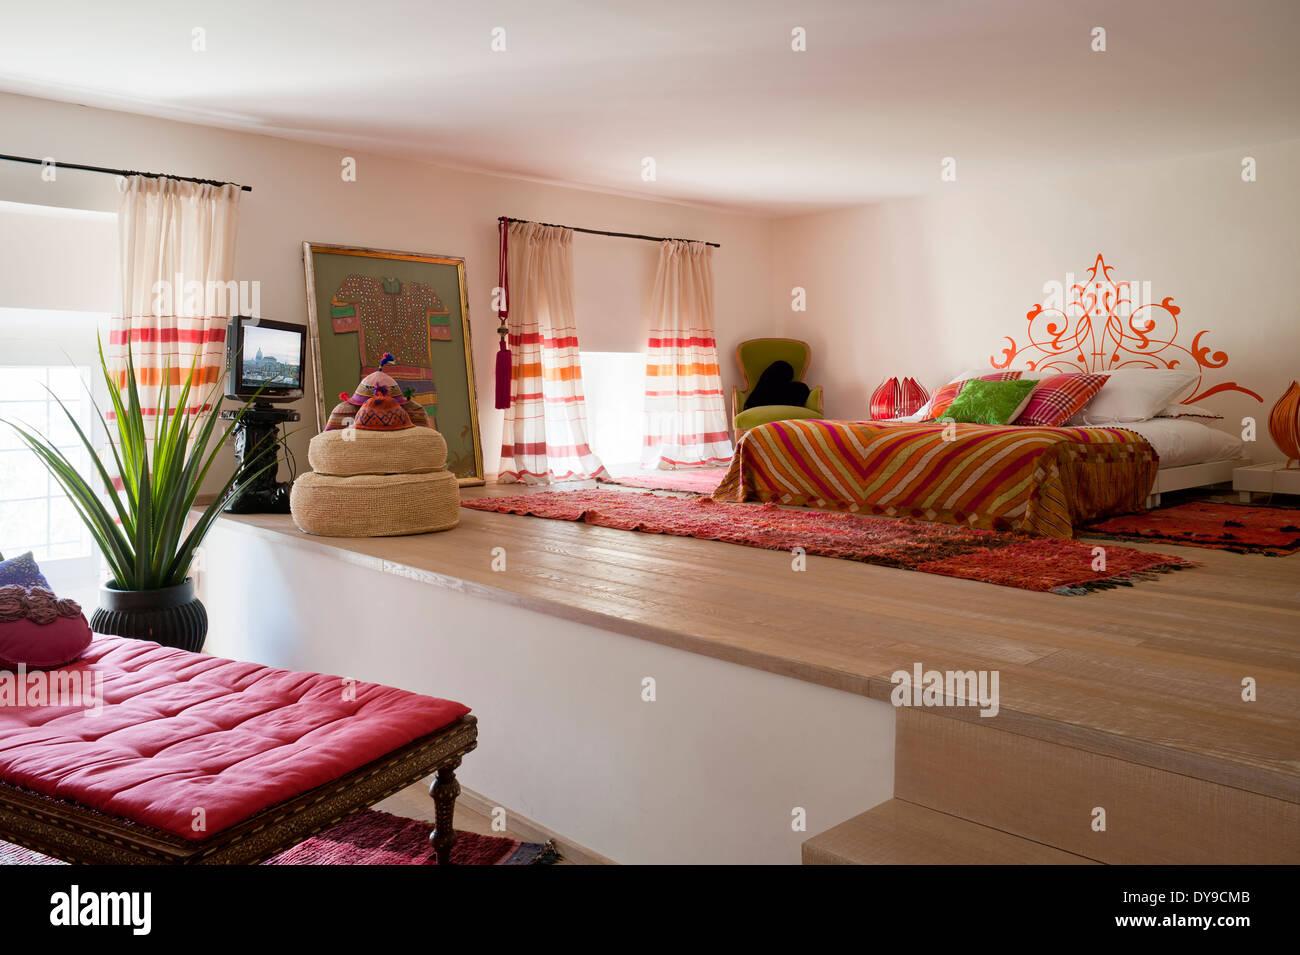 Camere Da Letto Marocco : Warm indiano e il marocco ha ispirato la camera da letto con